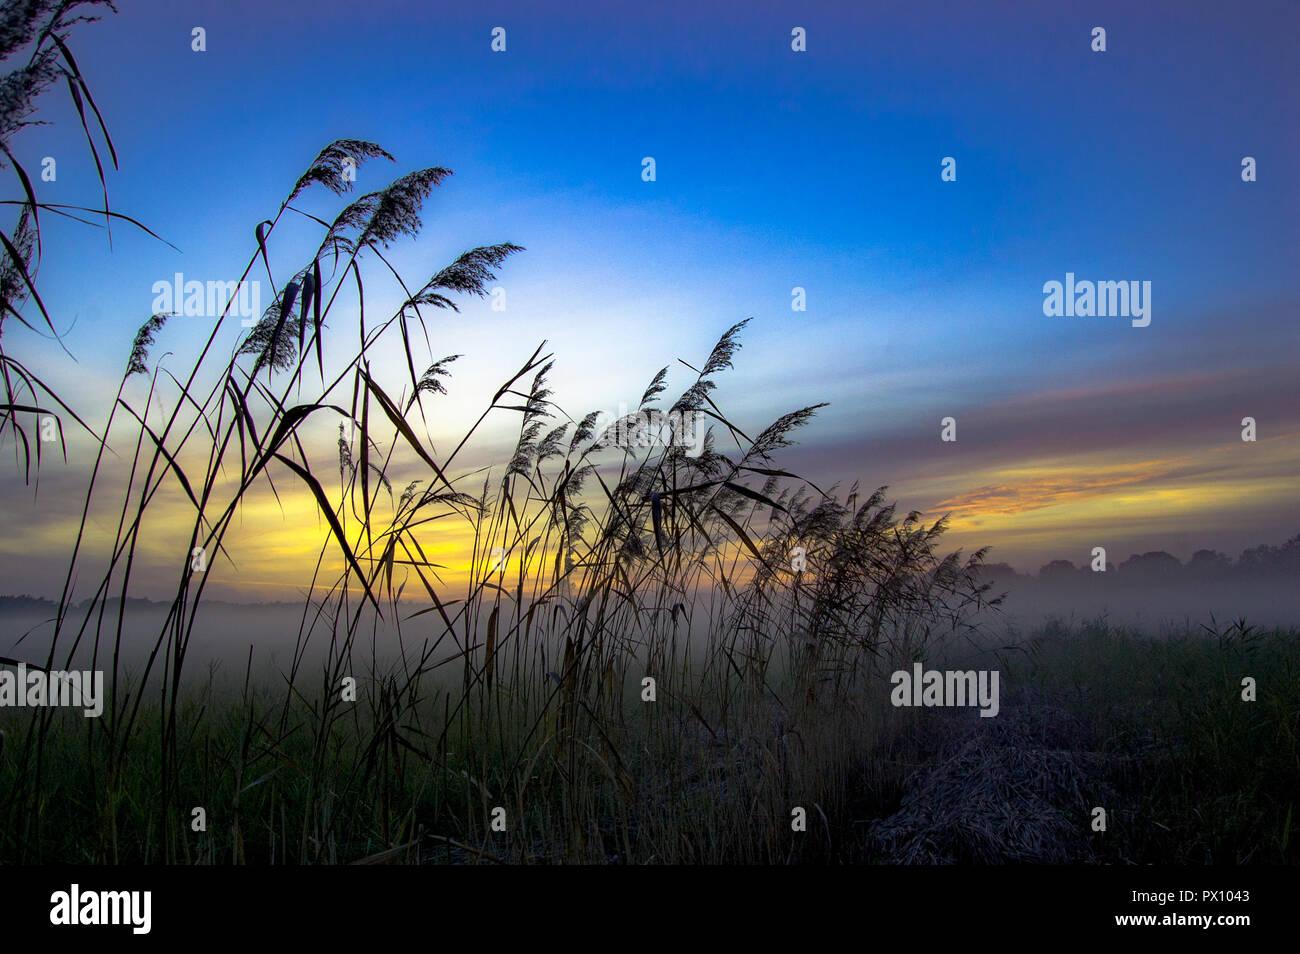 Misty Schilf bei Sonnenuntergang auf einem Hintergrund von bunten Wolken, Schilf Landschaft mit Nebel Stockbild